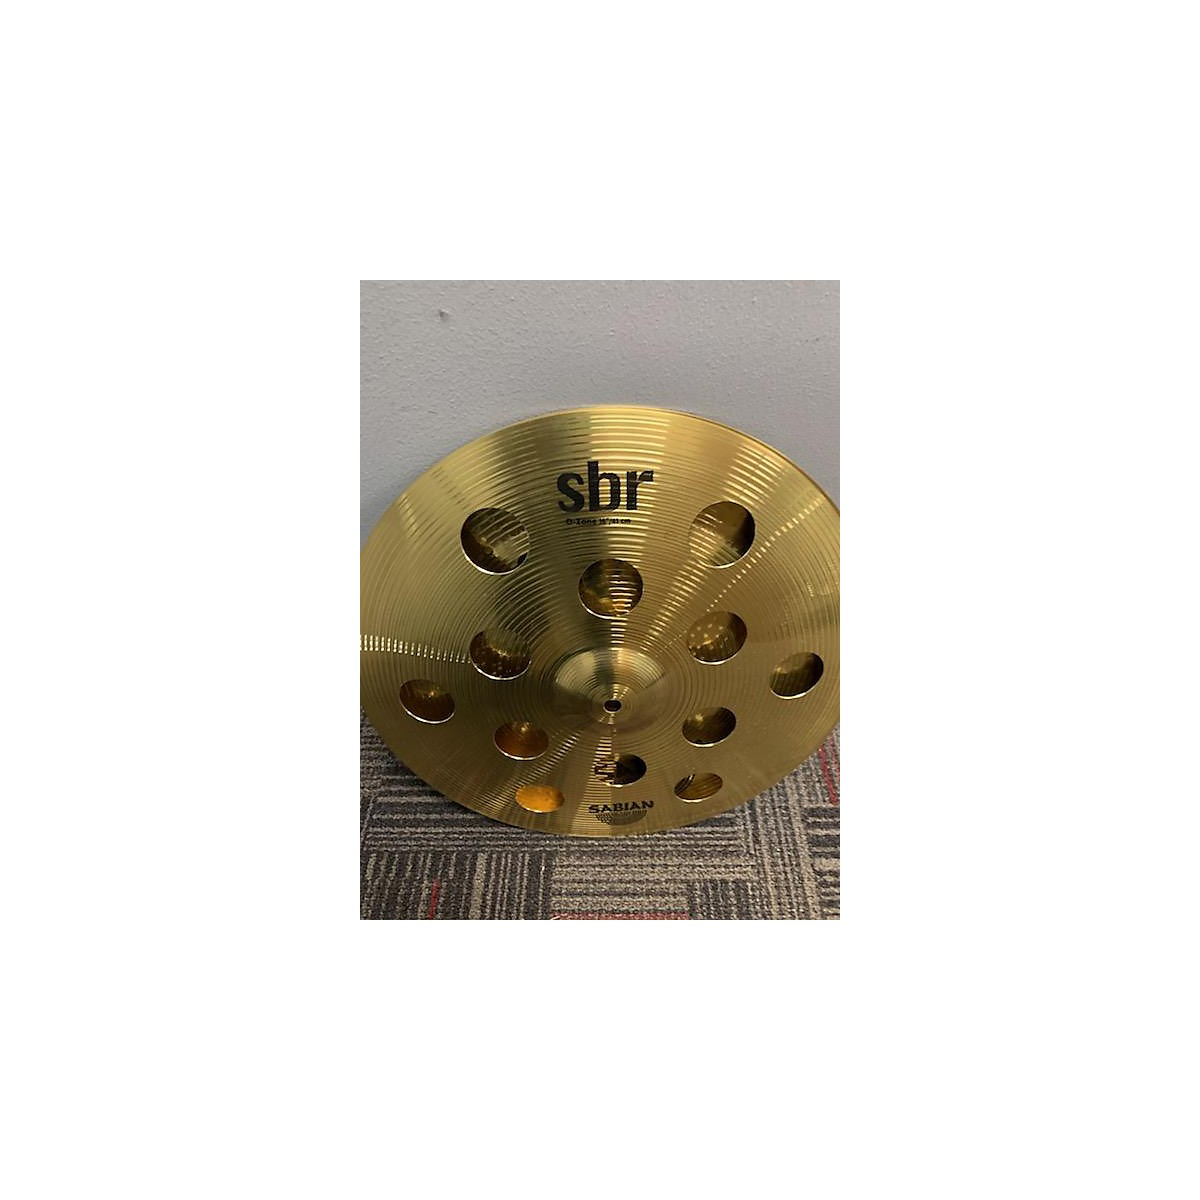 Sabian 16in SBR STACK Cymbal